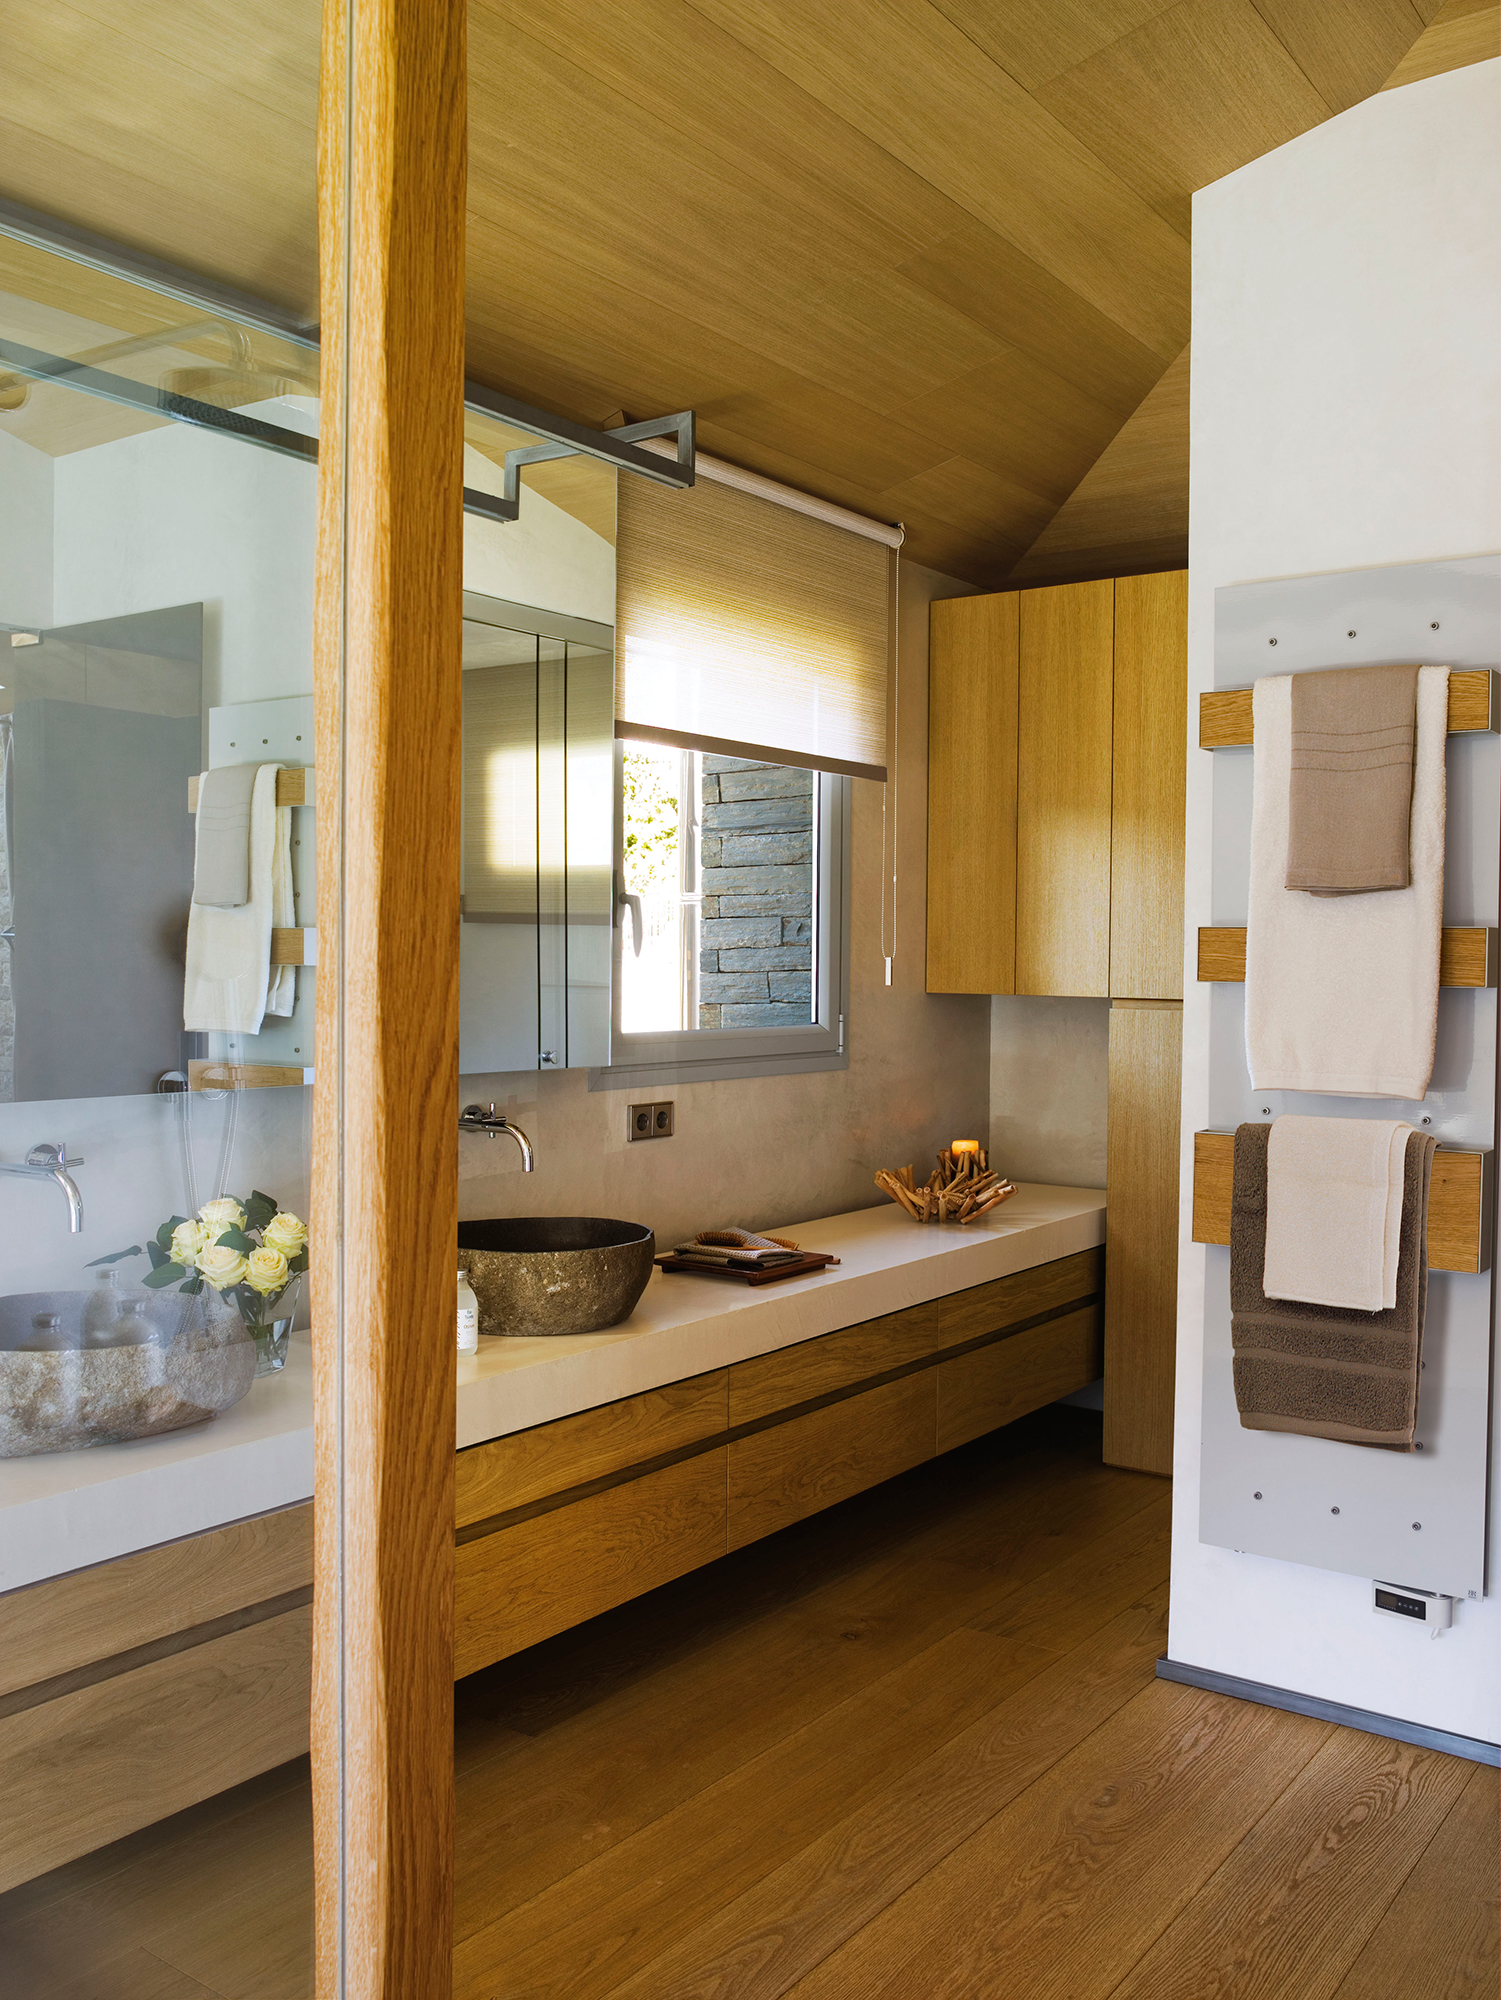 Muebles ba o decoraci n accesorios mamparas y azulejos for Suelos para banos pequenos